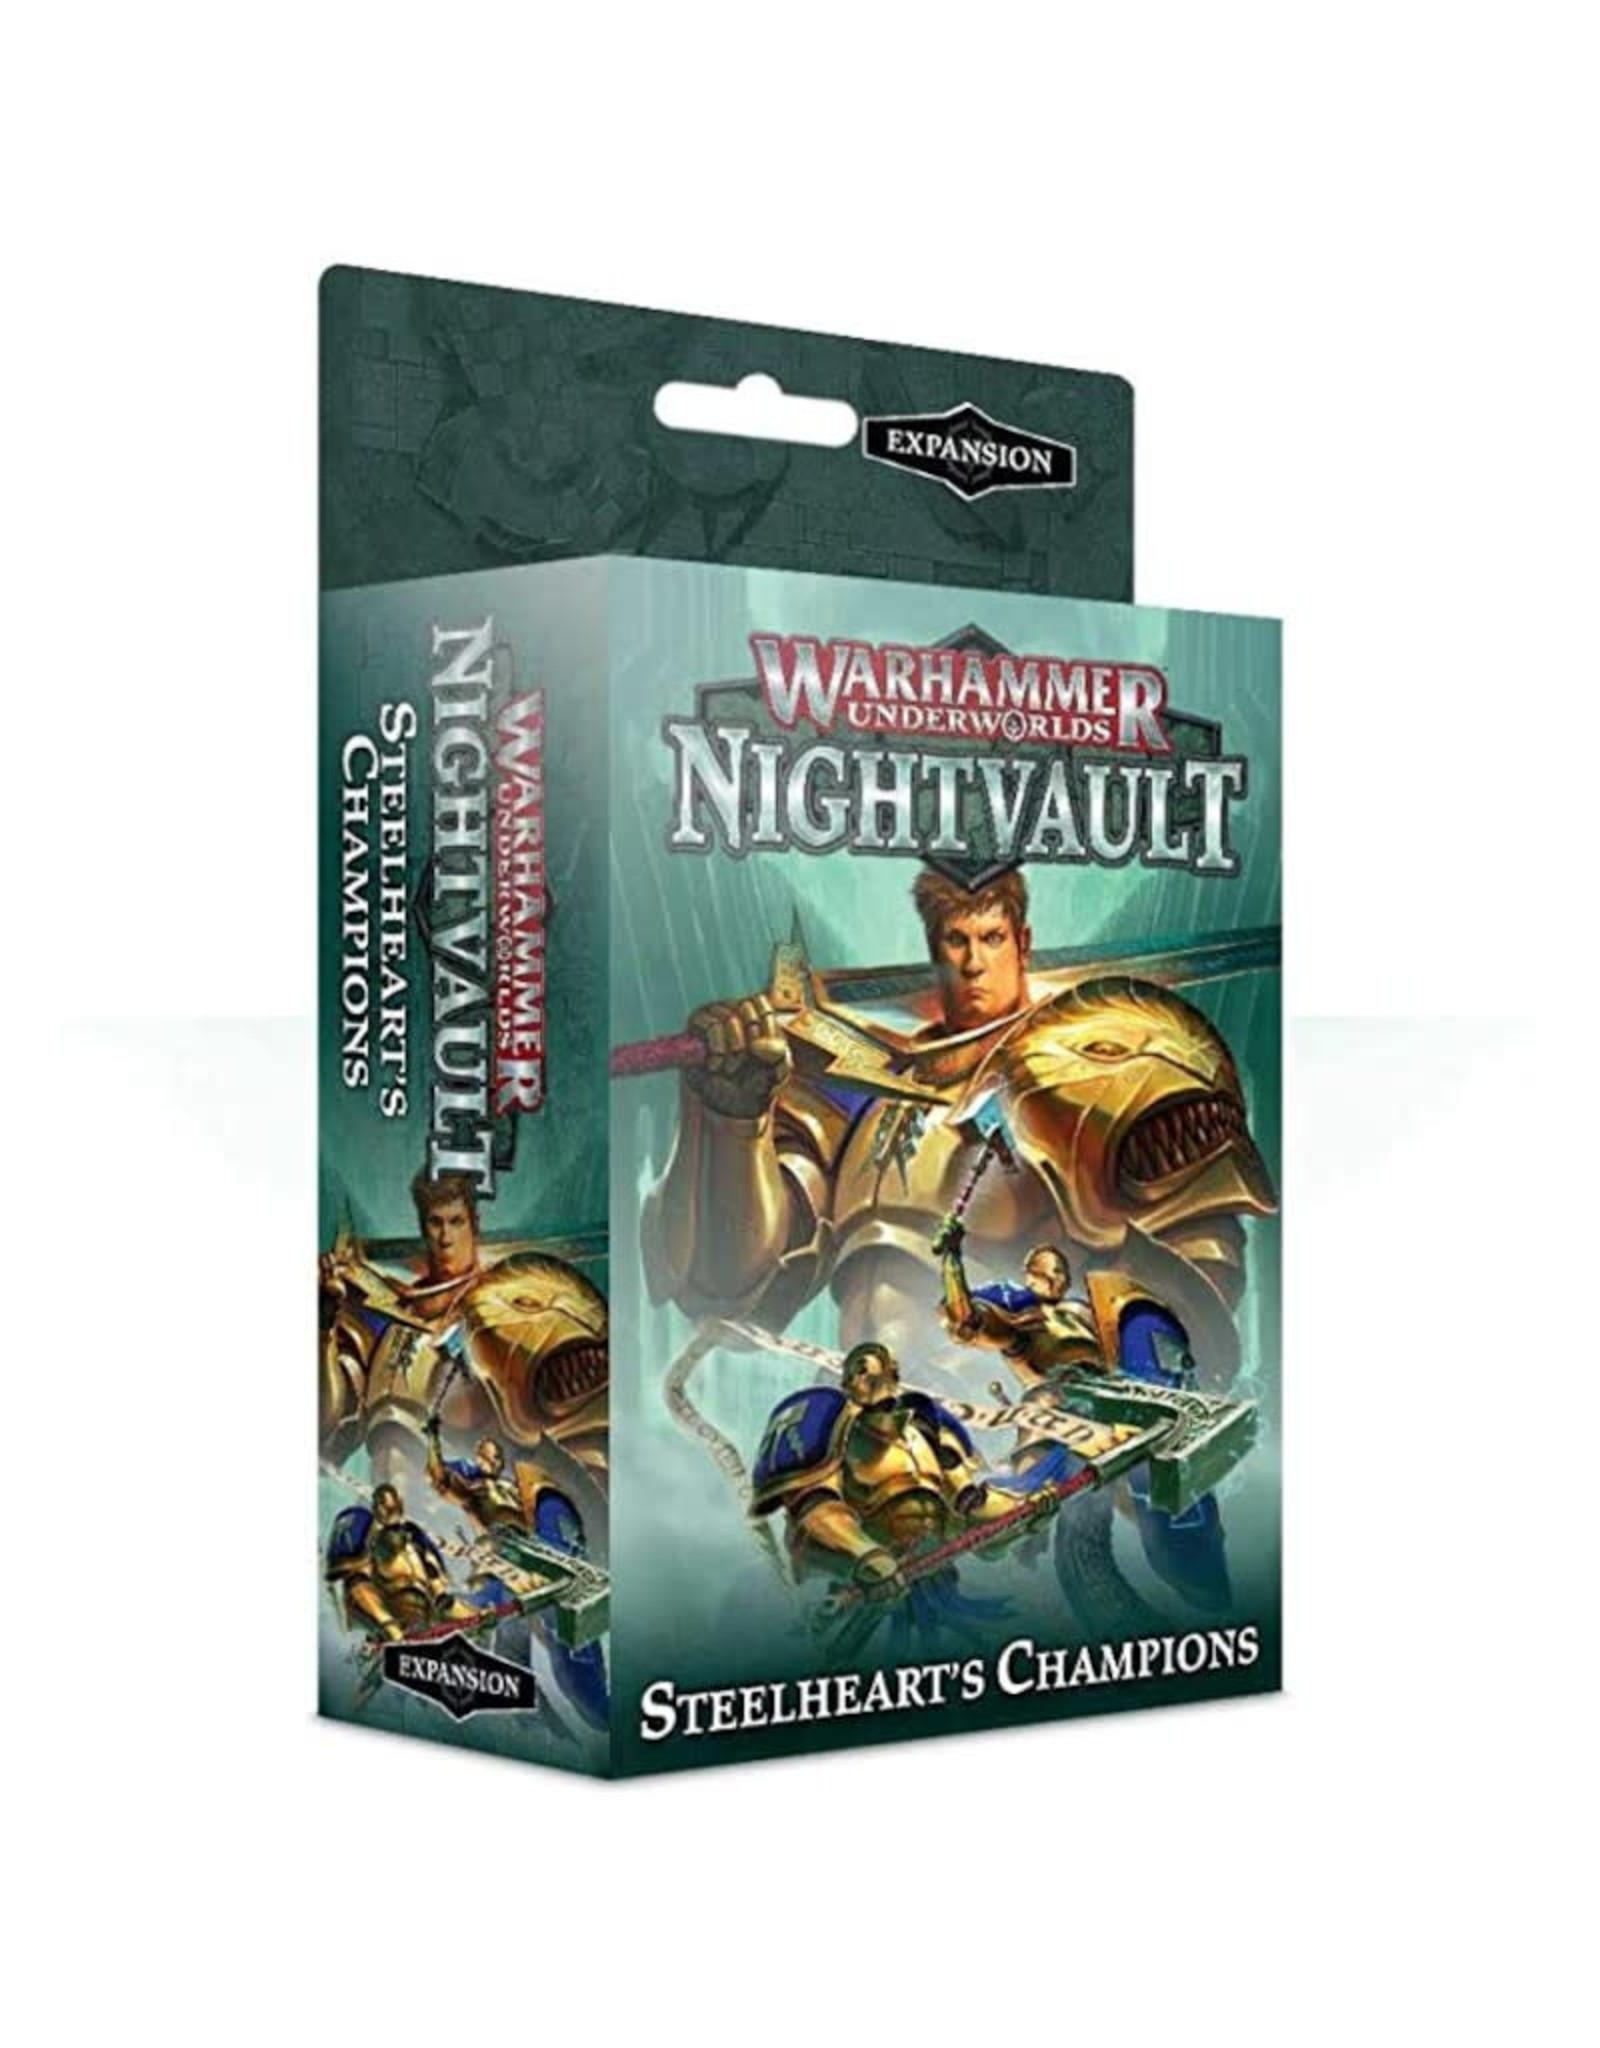 Games Workshop Warhammer Underworlds Steelhearts Champions